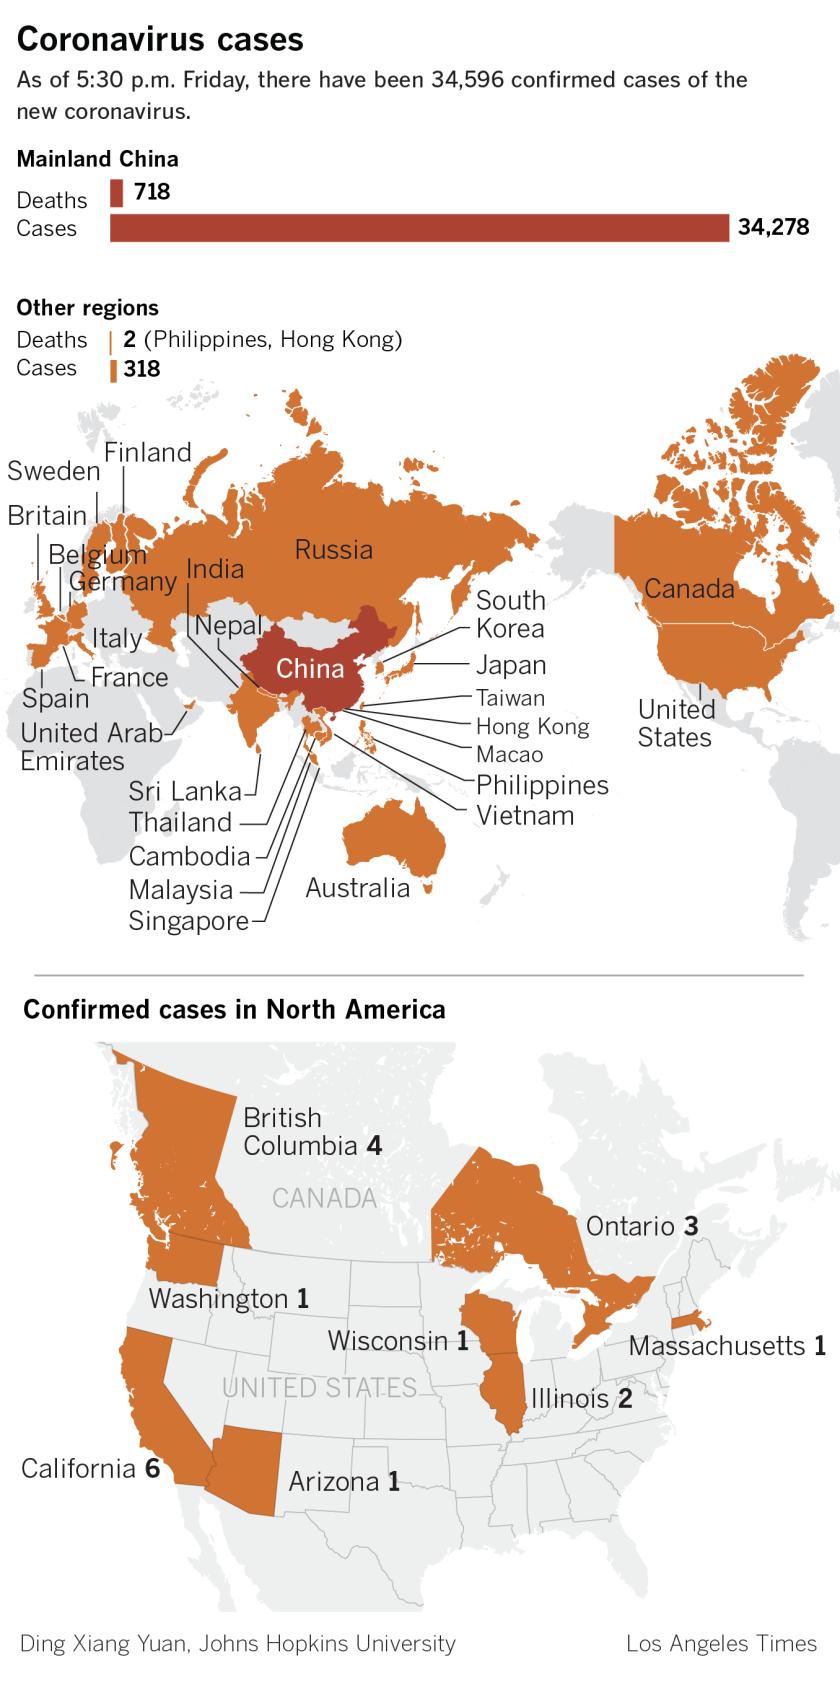 """w10-la-sci-coronavirus-china-spreading.png """"width ="""" 840 """"height ="""" 1686 """"/> </figure> </p></div> <p> Некоторые слухи связывают вирус с необоснованными, но хорошо обоснованными убеждениями, например, связывают вакцины с аутизмом и генетически модифицированные продукты с рисками для здоровья. В сообществах социальных сетей, посвященных этим убеждениям, слухи о коронавирусе циркулируют ежедневно, говорит Джошуа Интрон, ученый-компьютерщик из Сиракузского университета, который изучает эволюцию теорий заговора в Интернете. </p><div class='code-block code-block-4' style='margin: 8px auto; text-align: center; display: block; clear: both;'> <!-- admitad.banner: asnv99jjw31d895cf0573a3184f61a М.Видео --> <a target="""